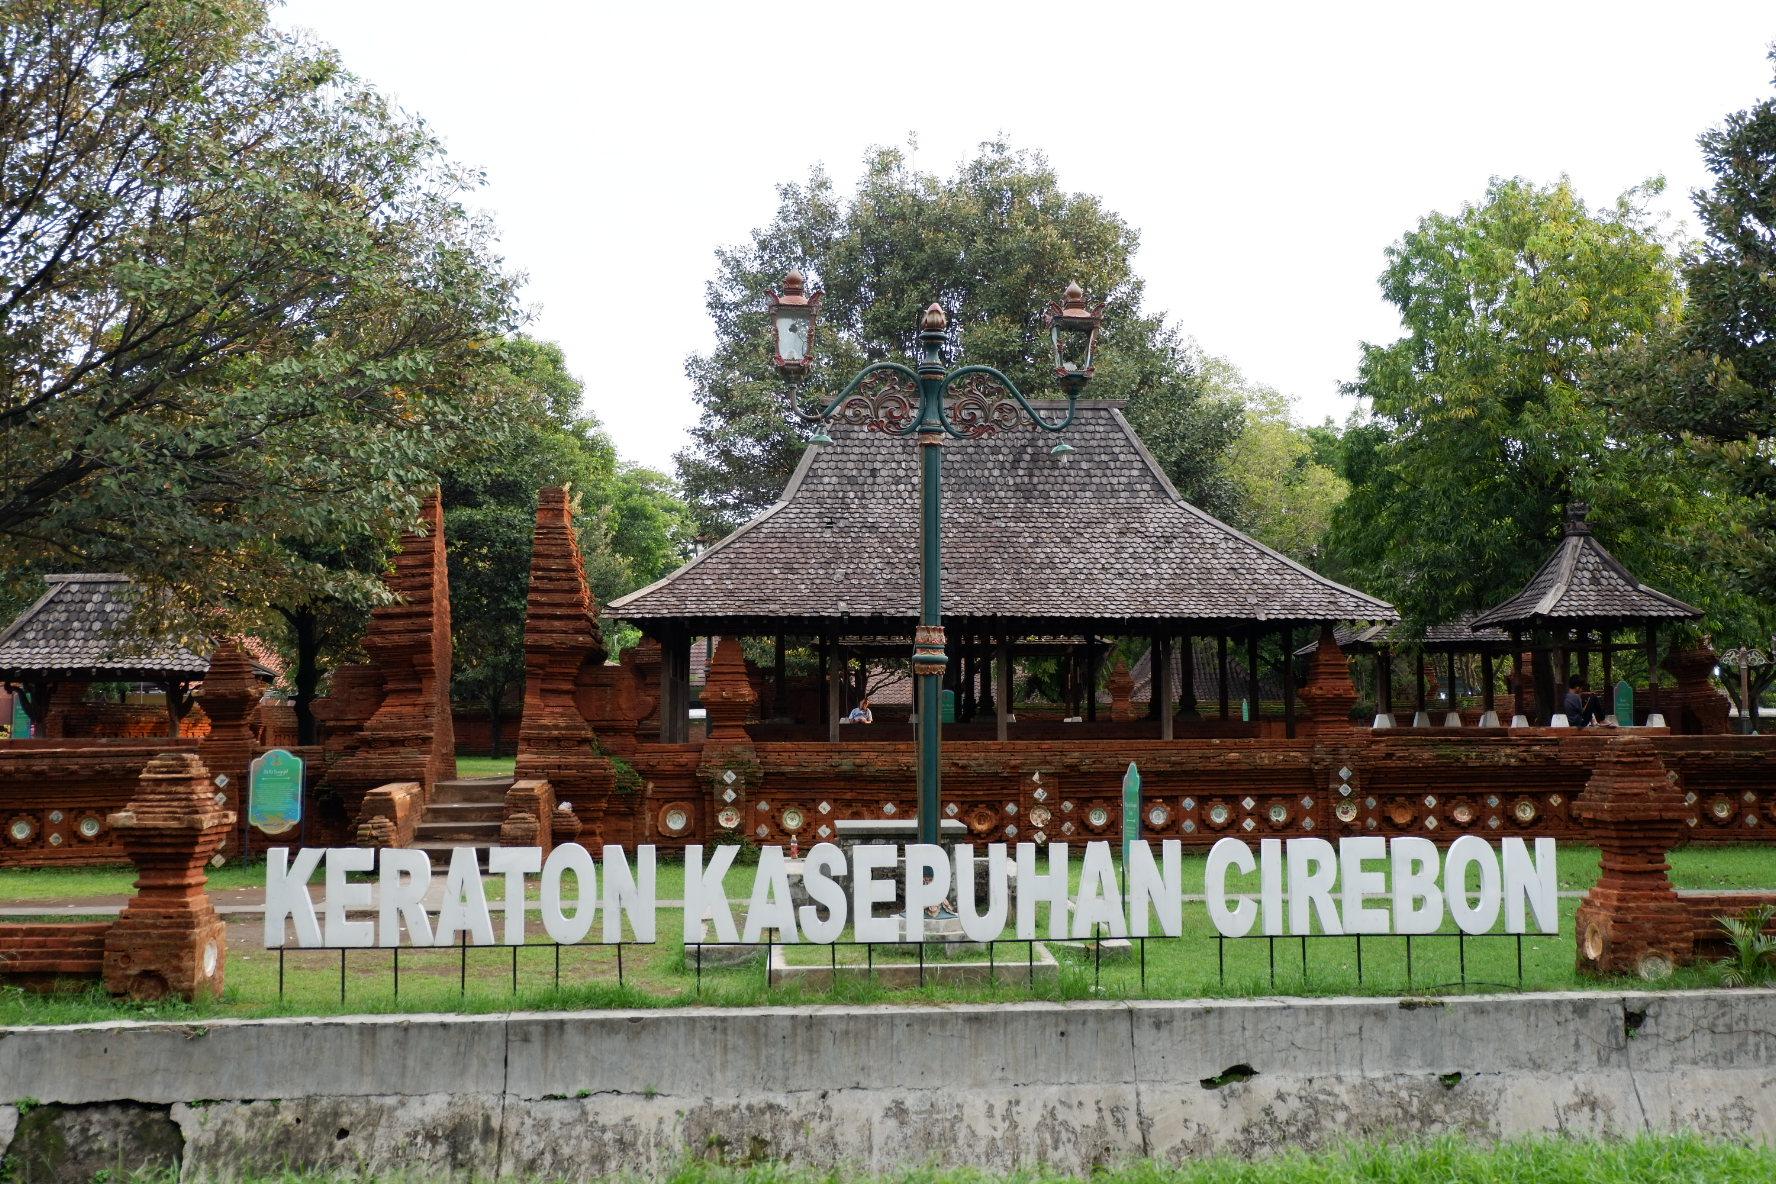 Cirebon memiliki beragam suku dan etnis, salah satunya etnis Arab. Dikisahkan bahwa orang-orang Arab membawa dan mengadaptasi Empal Gentong ke wilayah Cirebon.   Sumber Travels Promo